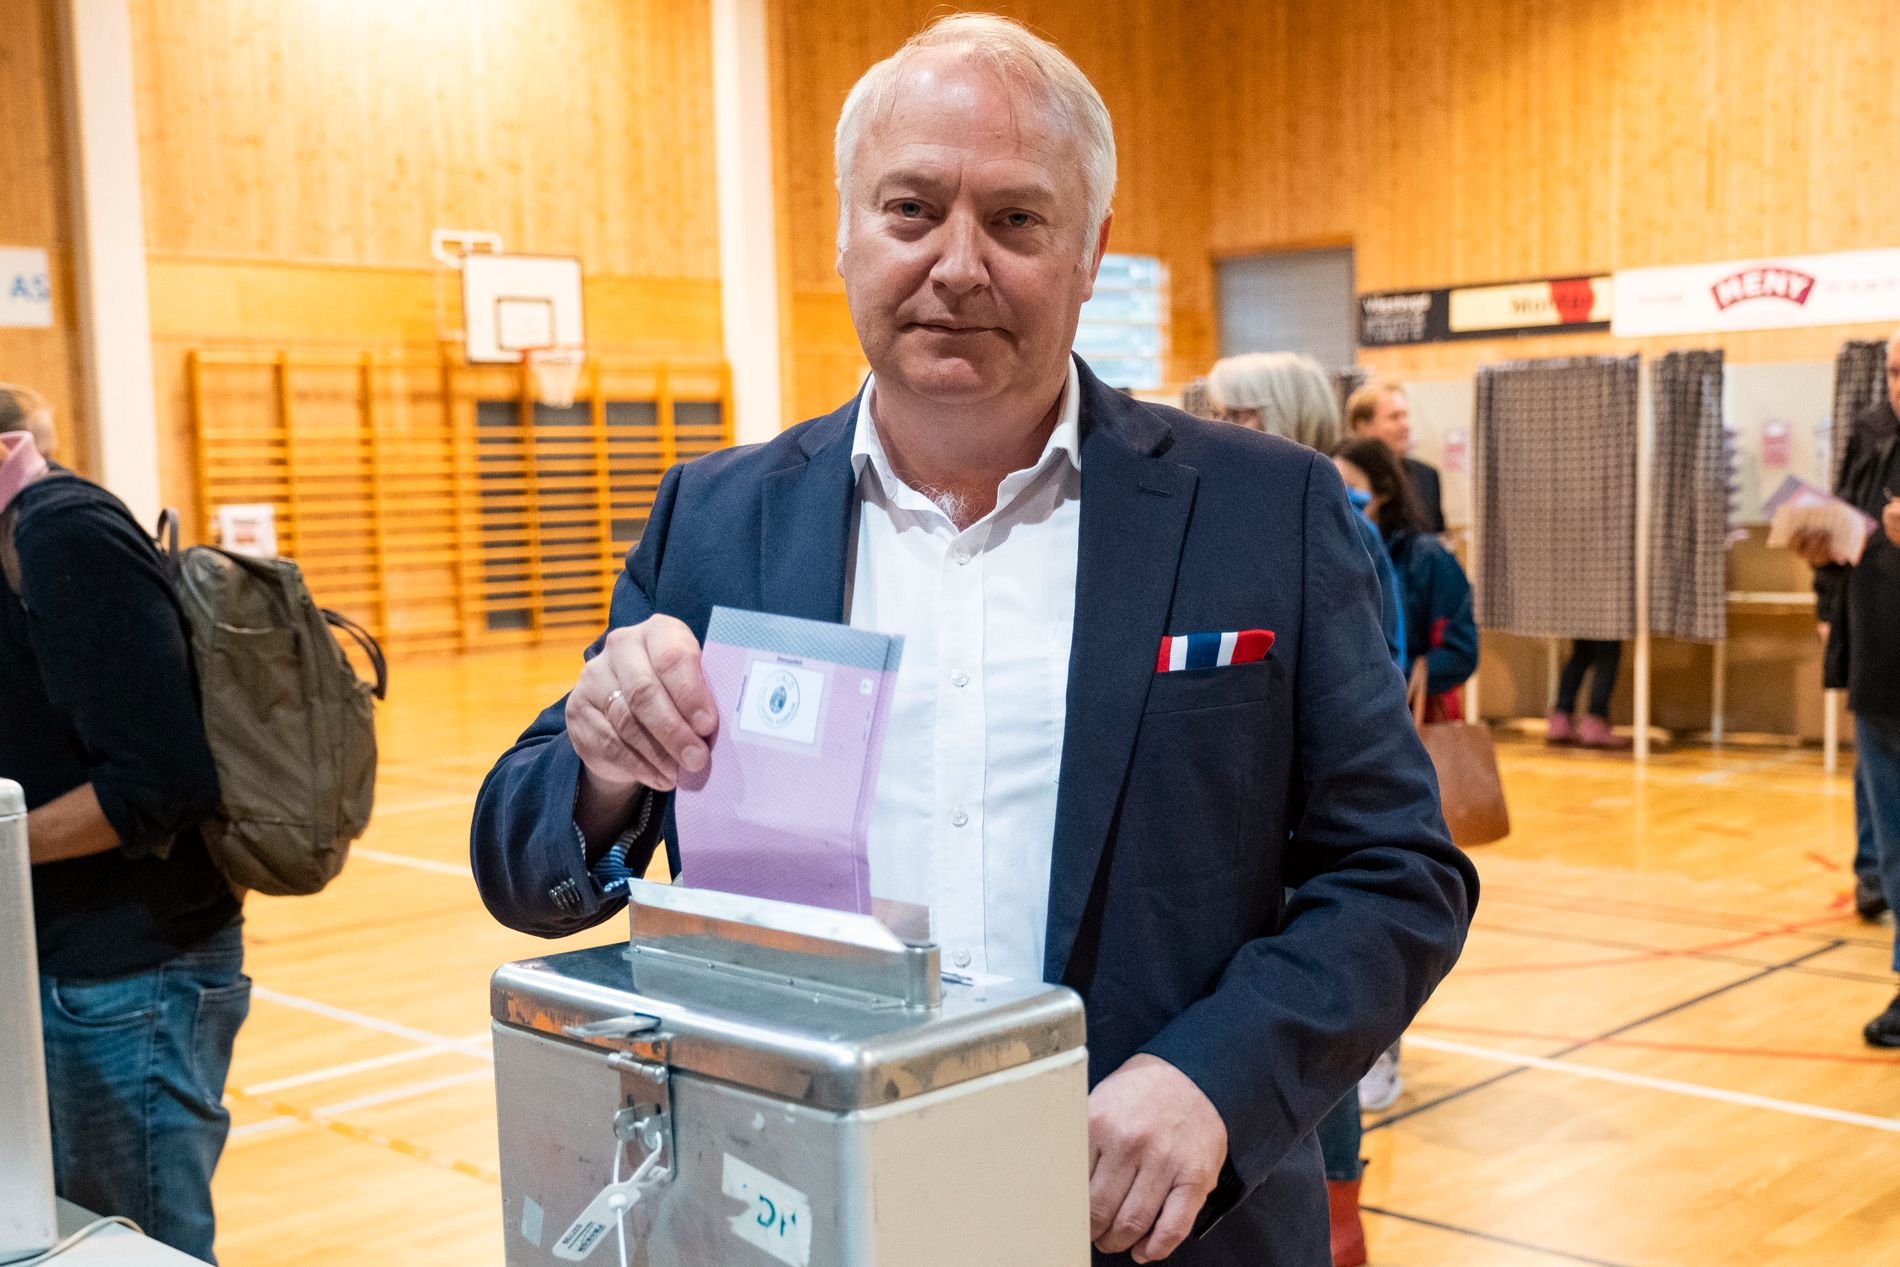 STOR I KRISTIANSAND: Demokratenes Vidar Kleppe er inne sammen med ti andre kandidater i Kristiansand bystyre.